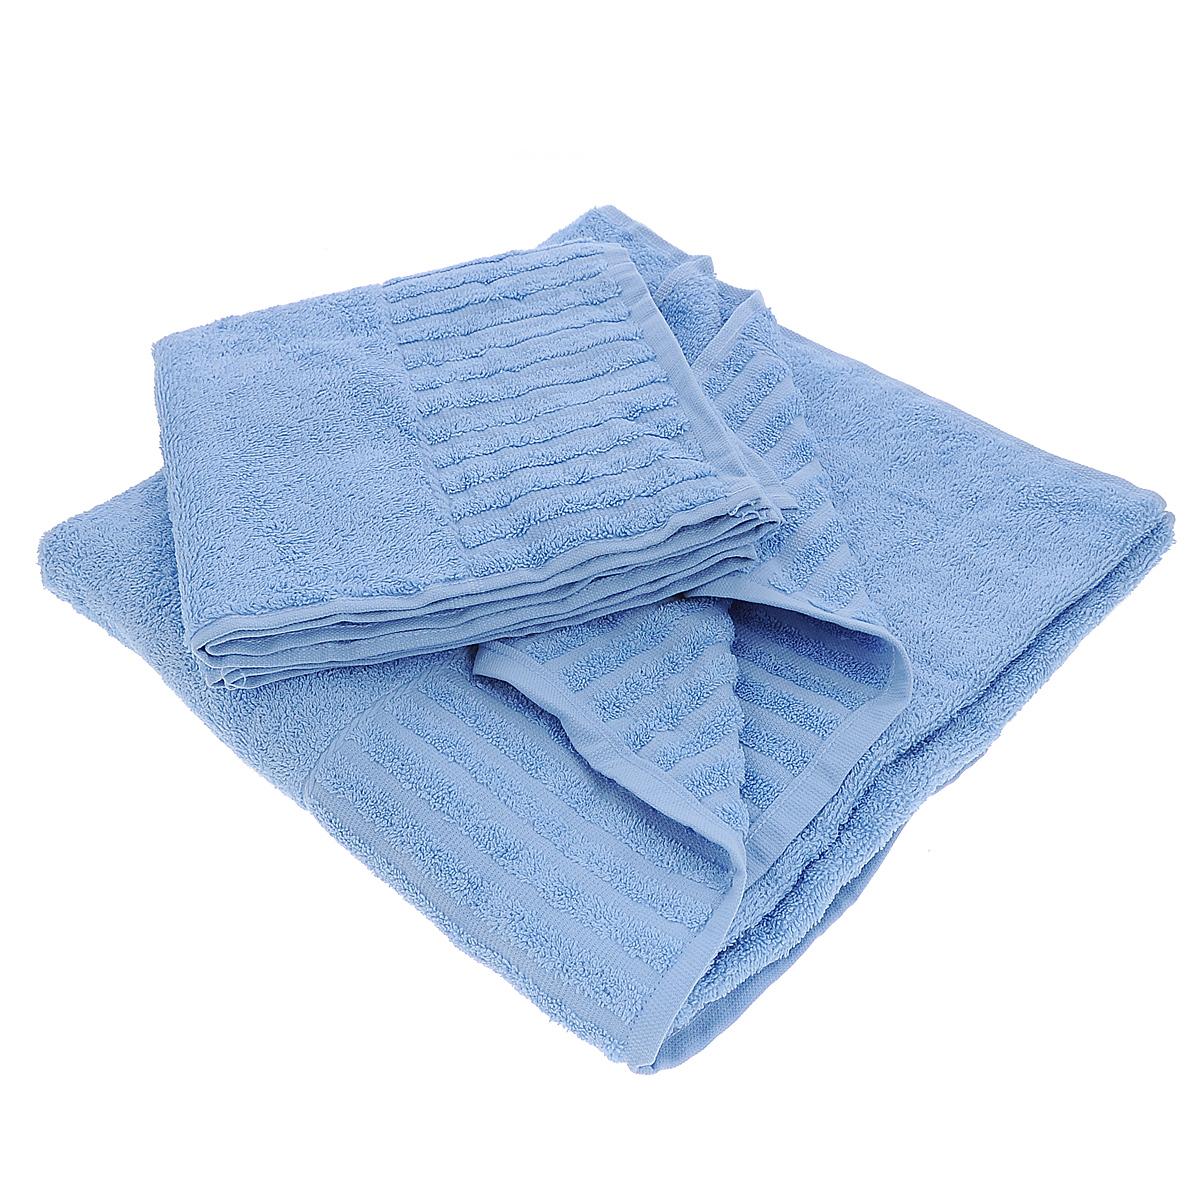 Набор махровых полотенец Bonita, цвет: голубой, 2 шт01011116225Набор Bonita состоит из двух полотенец разного размера, выполненных из натурального хлопка. Такие полотенца отлично впитывают влагу, быстро сохнут, сохраняют яркость цвета и не теряют формы даже после многократных стирок. Полотенца очень практичны и неприхотливы в уходе. Размер полотенец: 50 см х 90 см; 70 см х 140 см.